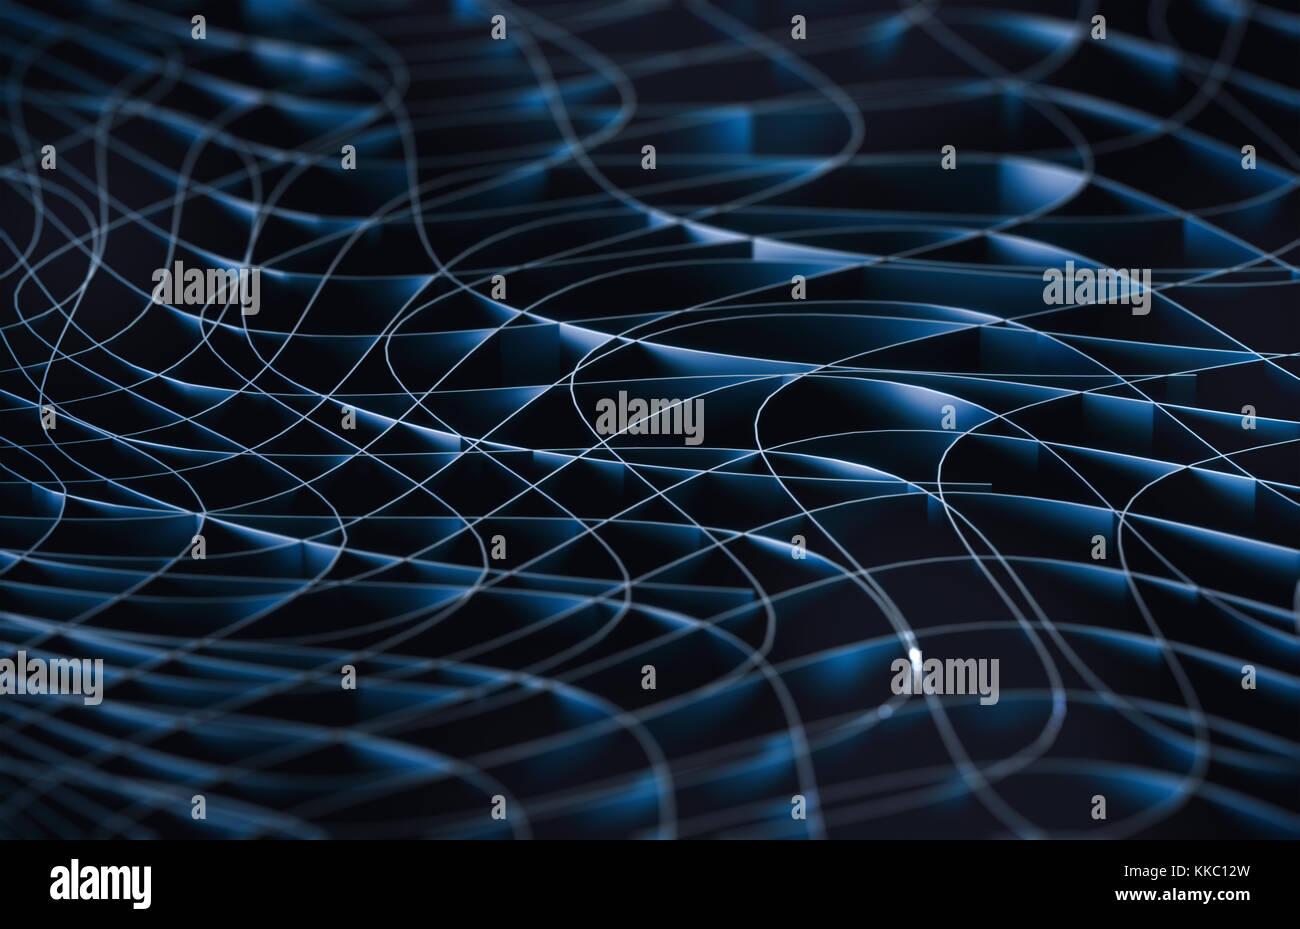 3D'illustrazione. Sfondo astratto, collegamento e linee di tecnologia. Immagini Stock